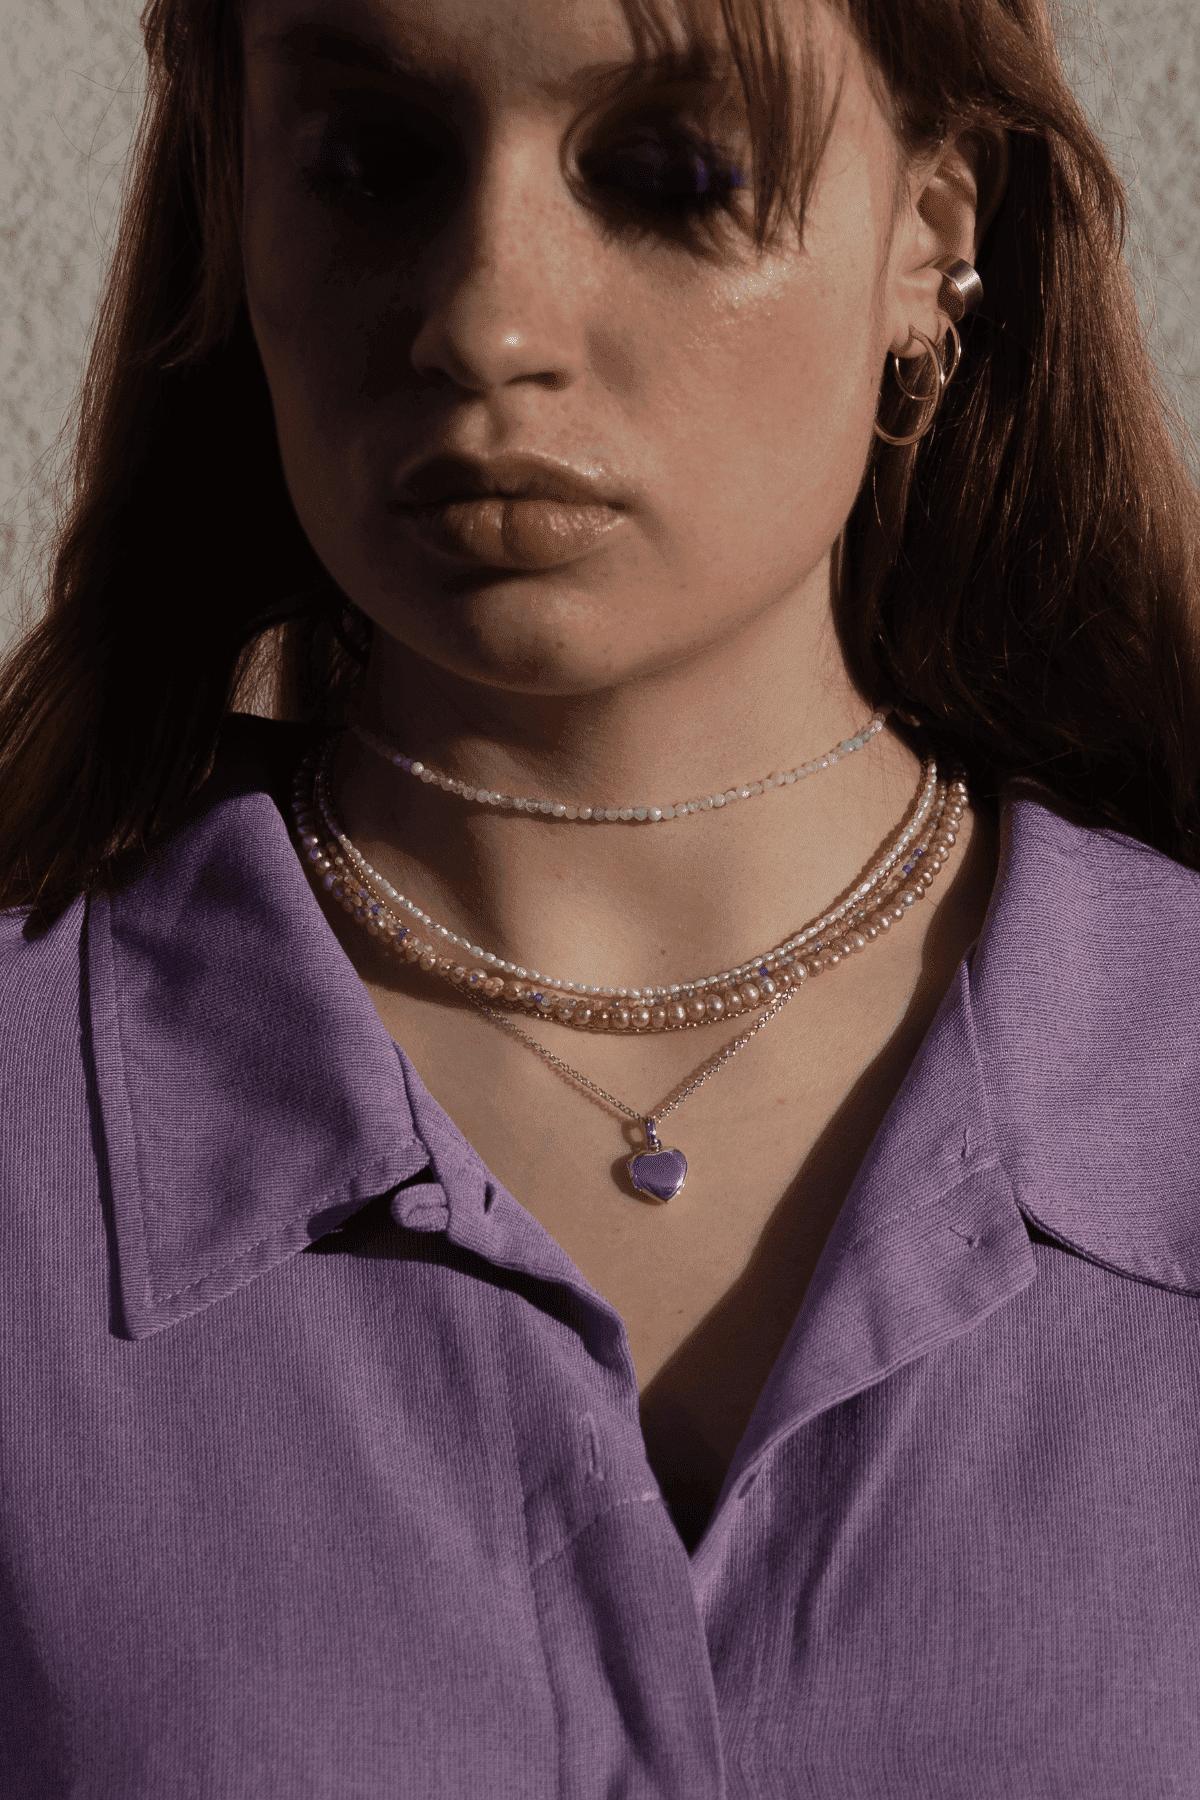 Modelka prezentuje zestaw naszyjników z kamieniami naturalnymi.